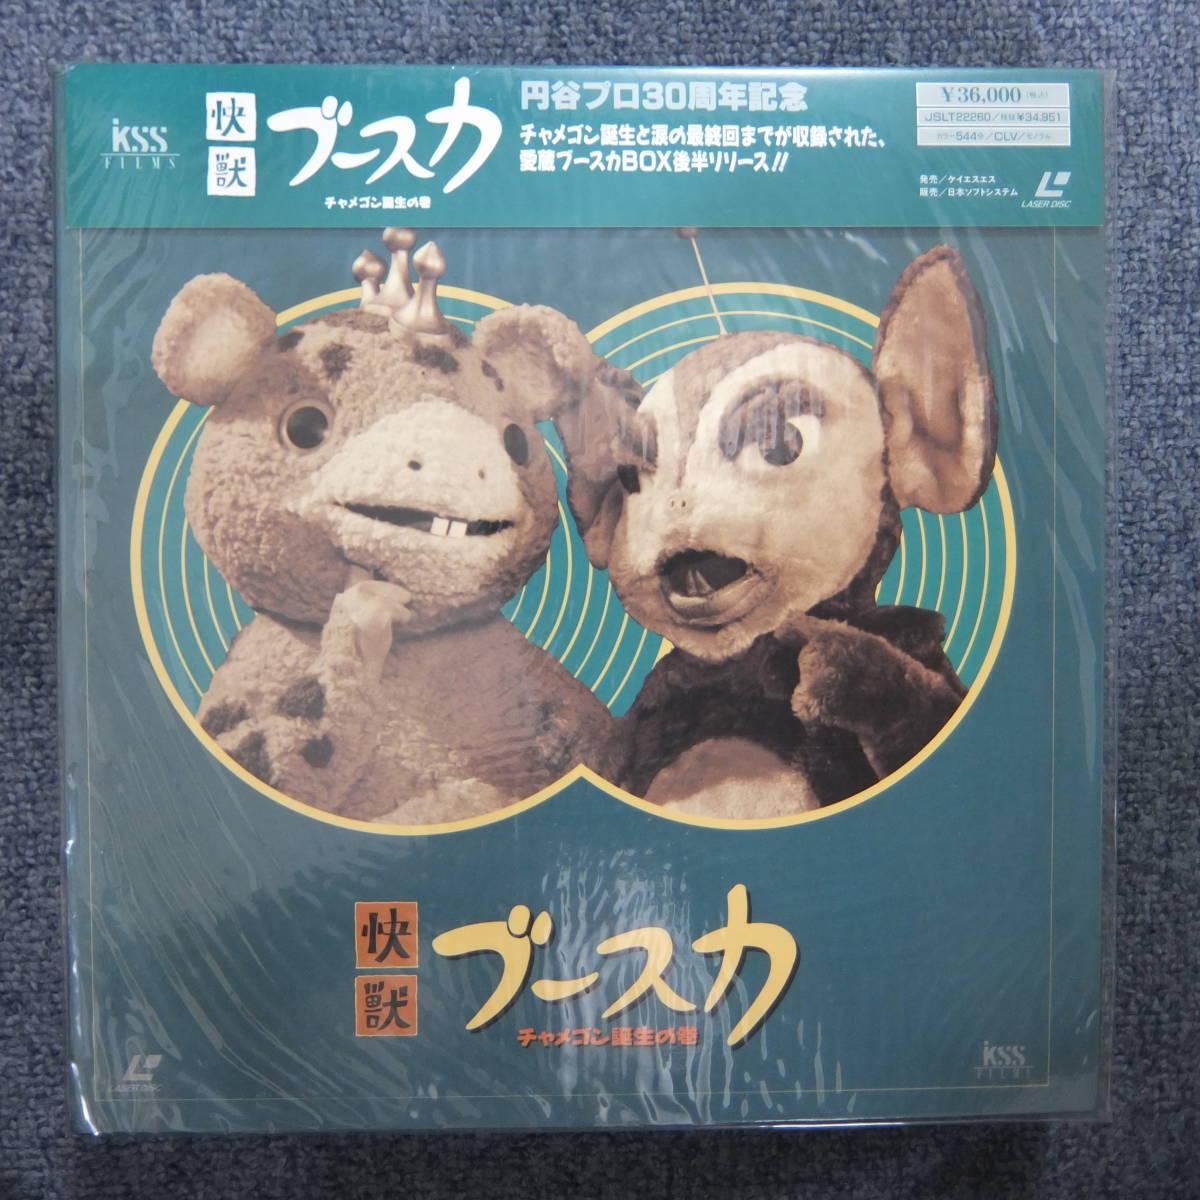 【 LD / レーザーディスク 】 快獣ブースカ  LD-BOX  「チャメゴン誕生の巻」 円谷プロ30周年記念